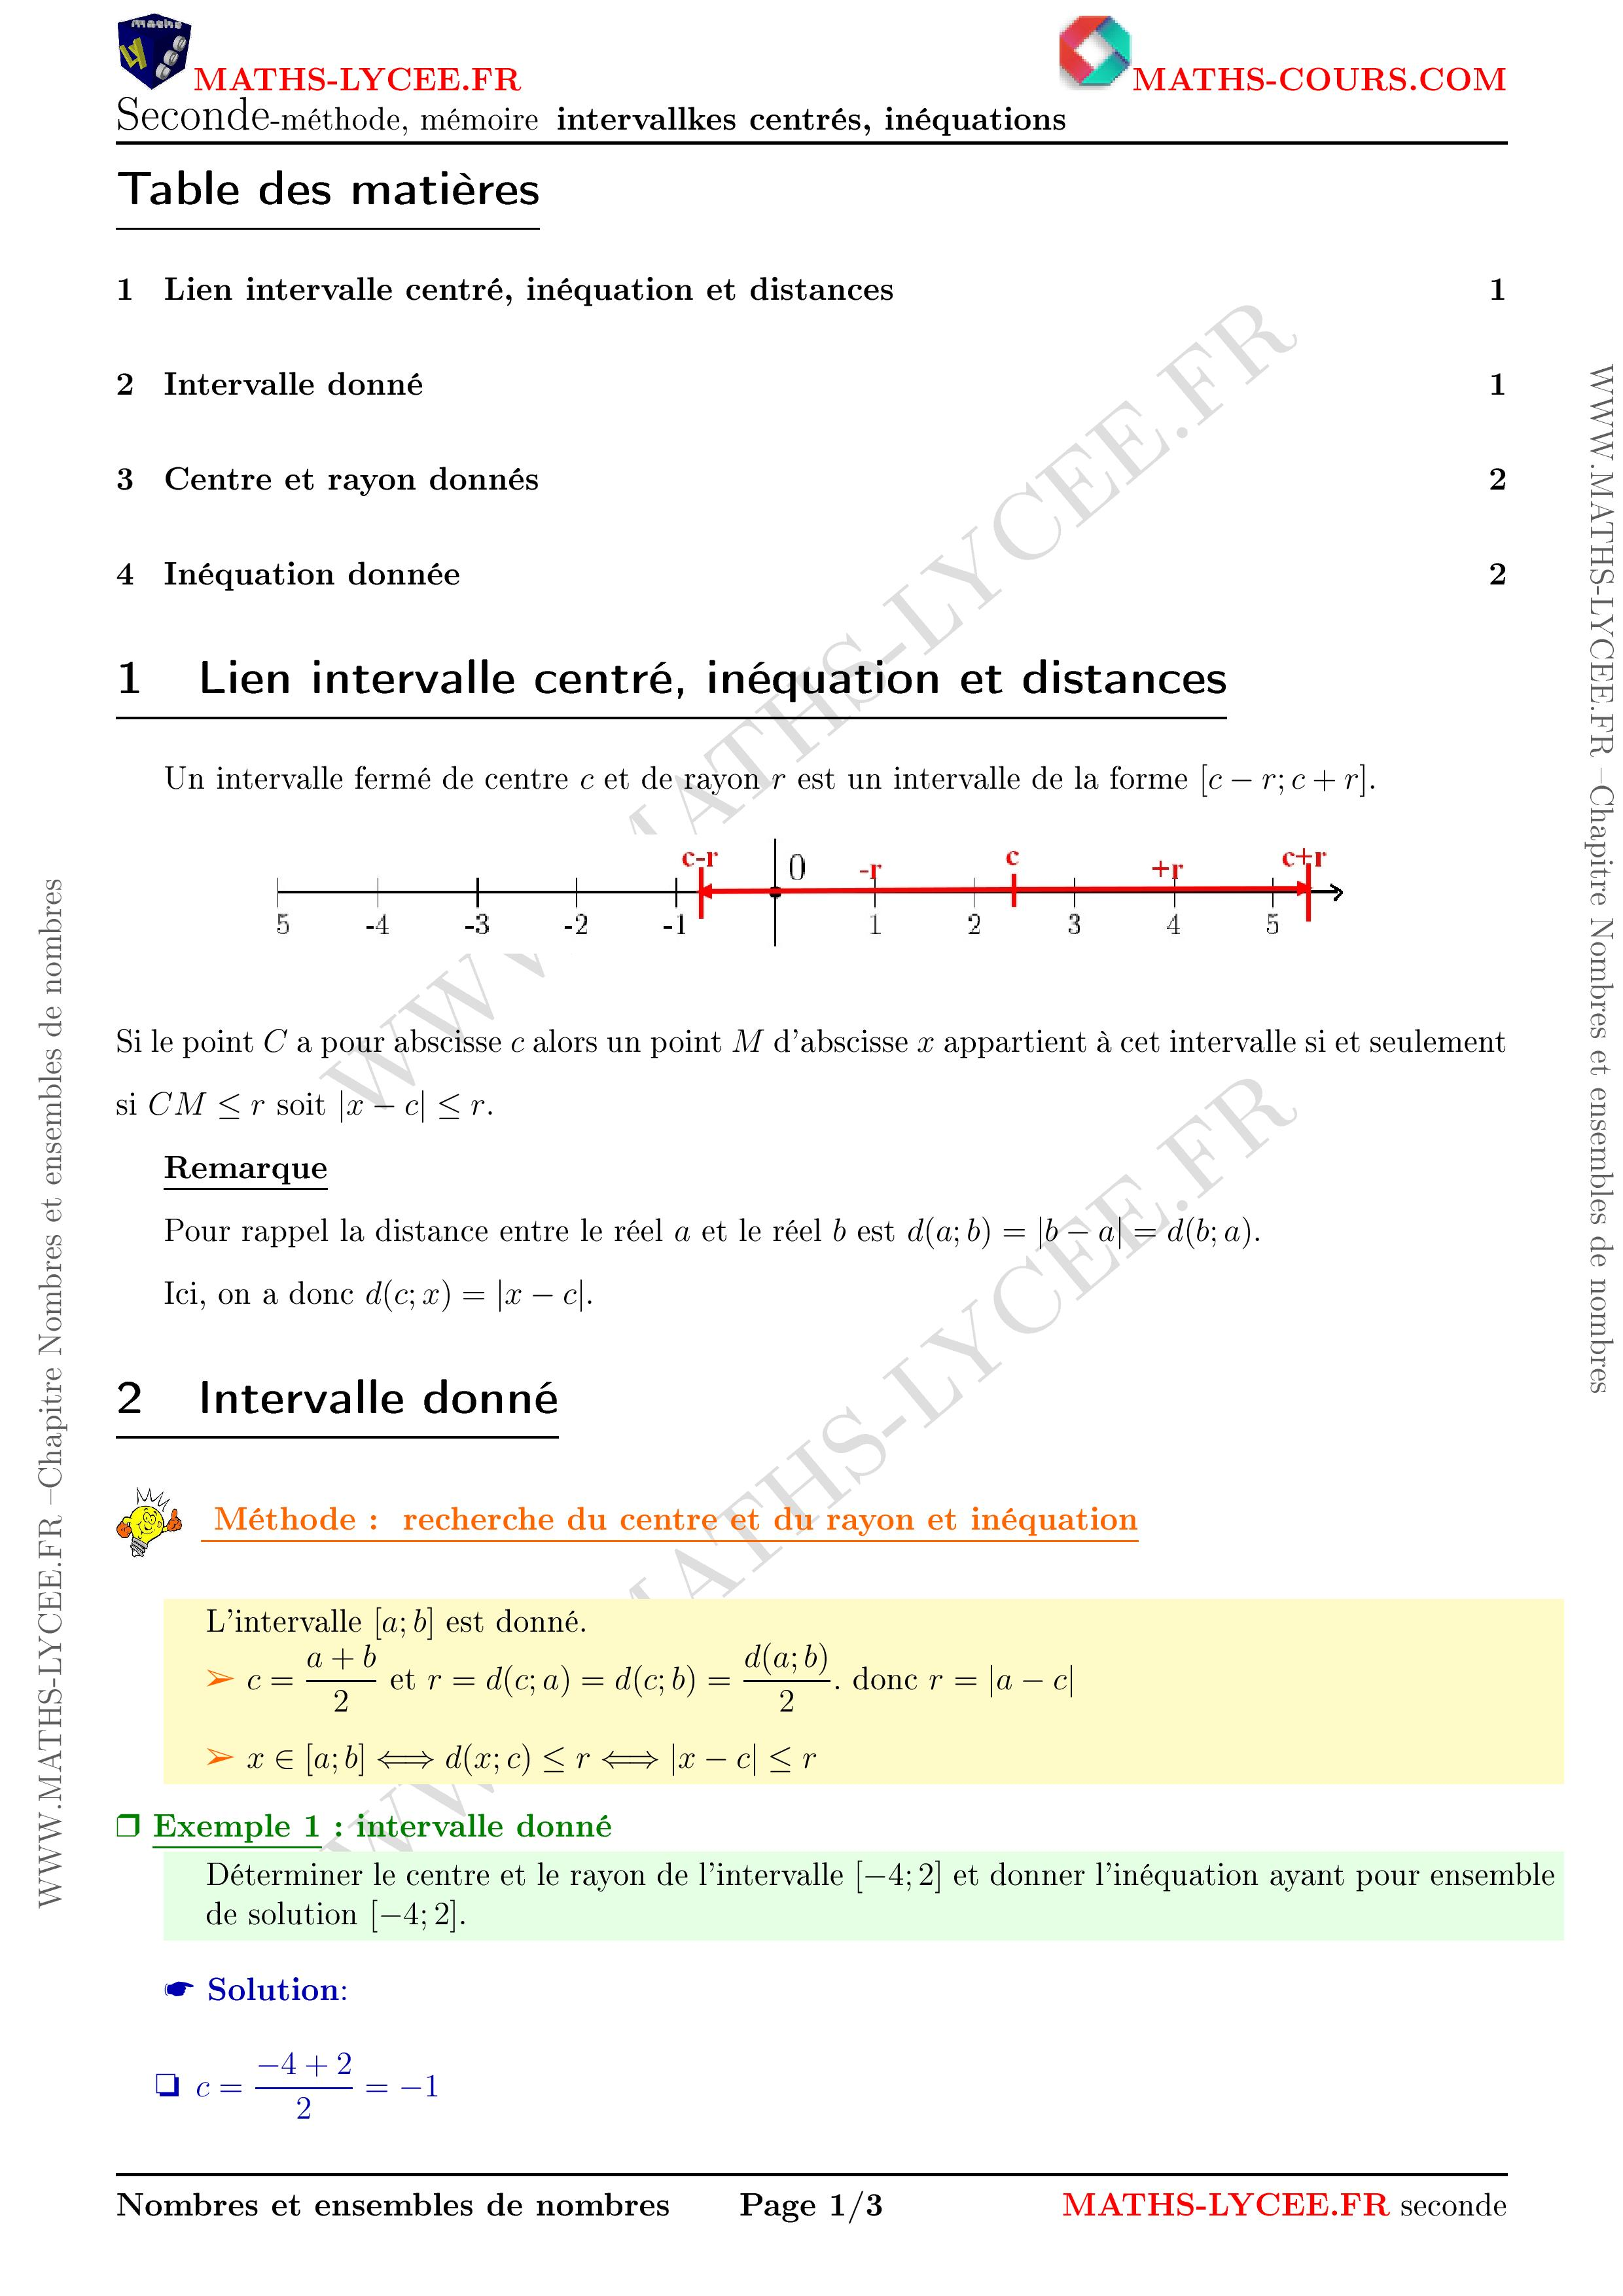 Maths Lycee Fr Cours Et Exemples Corriges Chapitre Ensembles De Nombres Et Intervalles